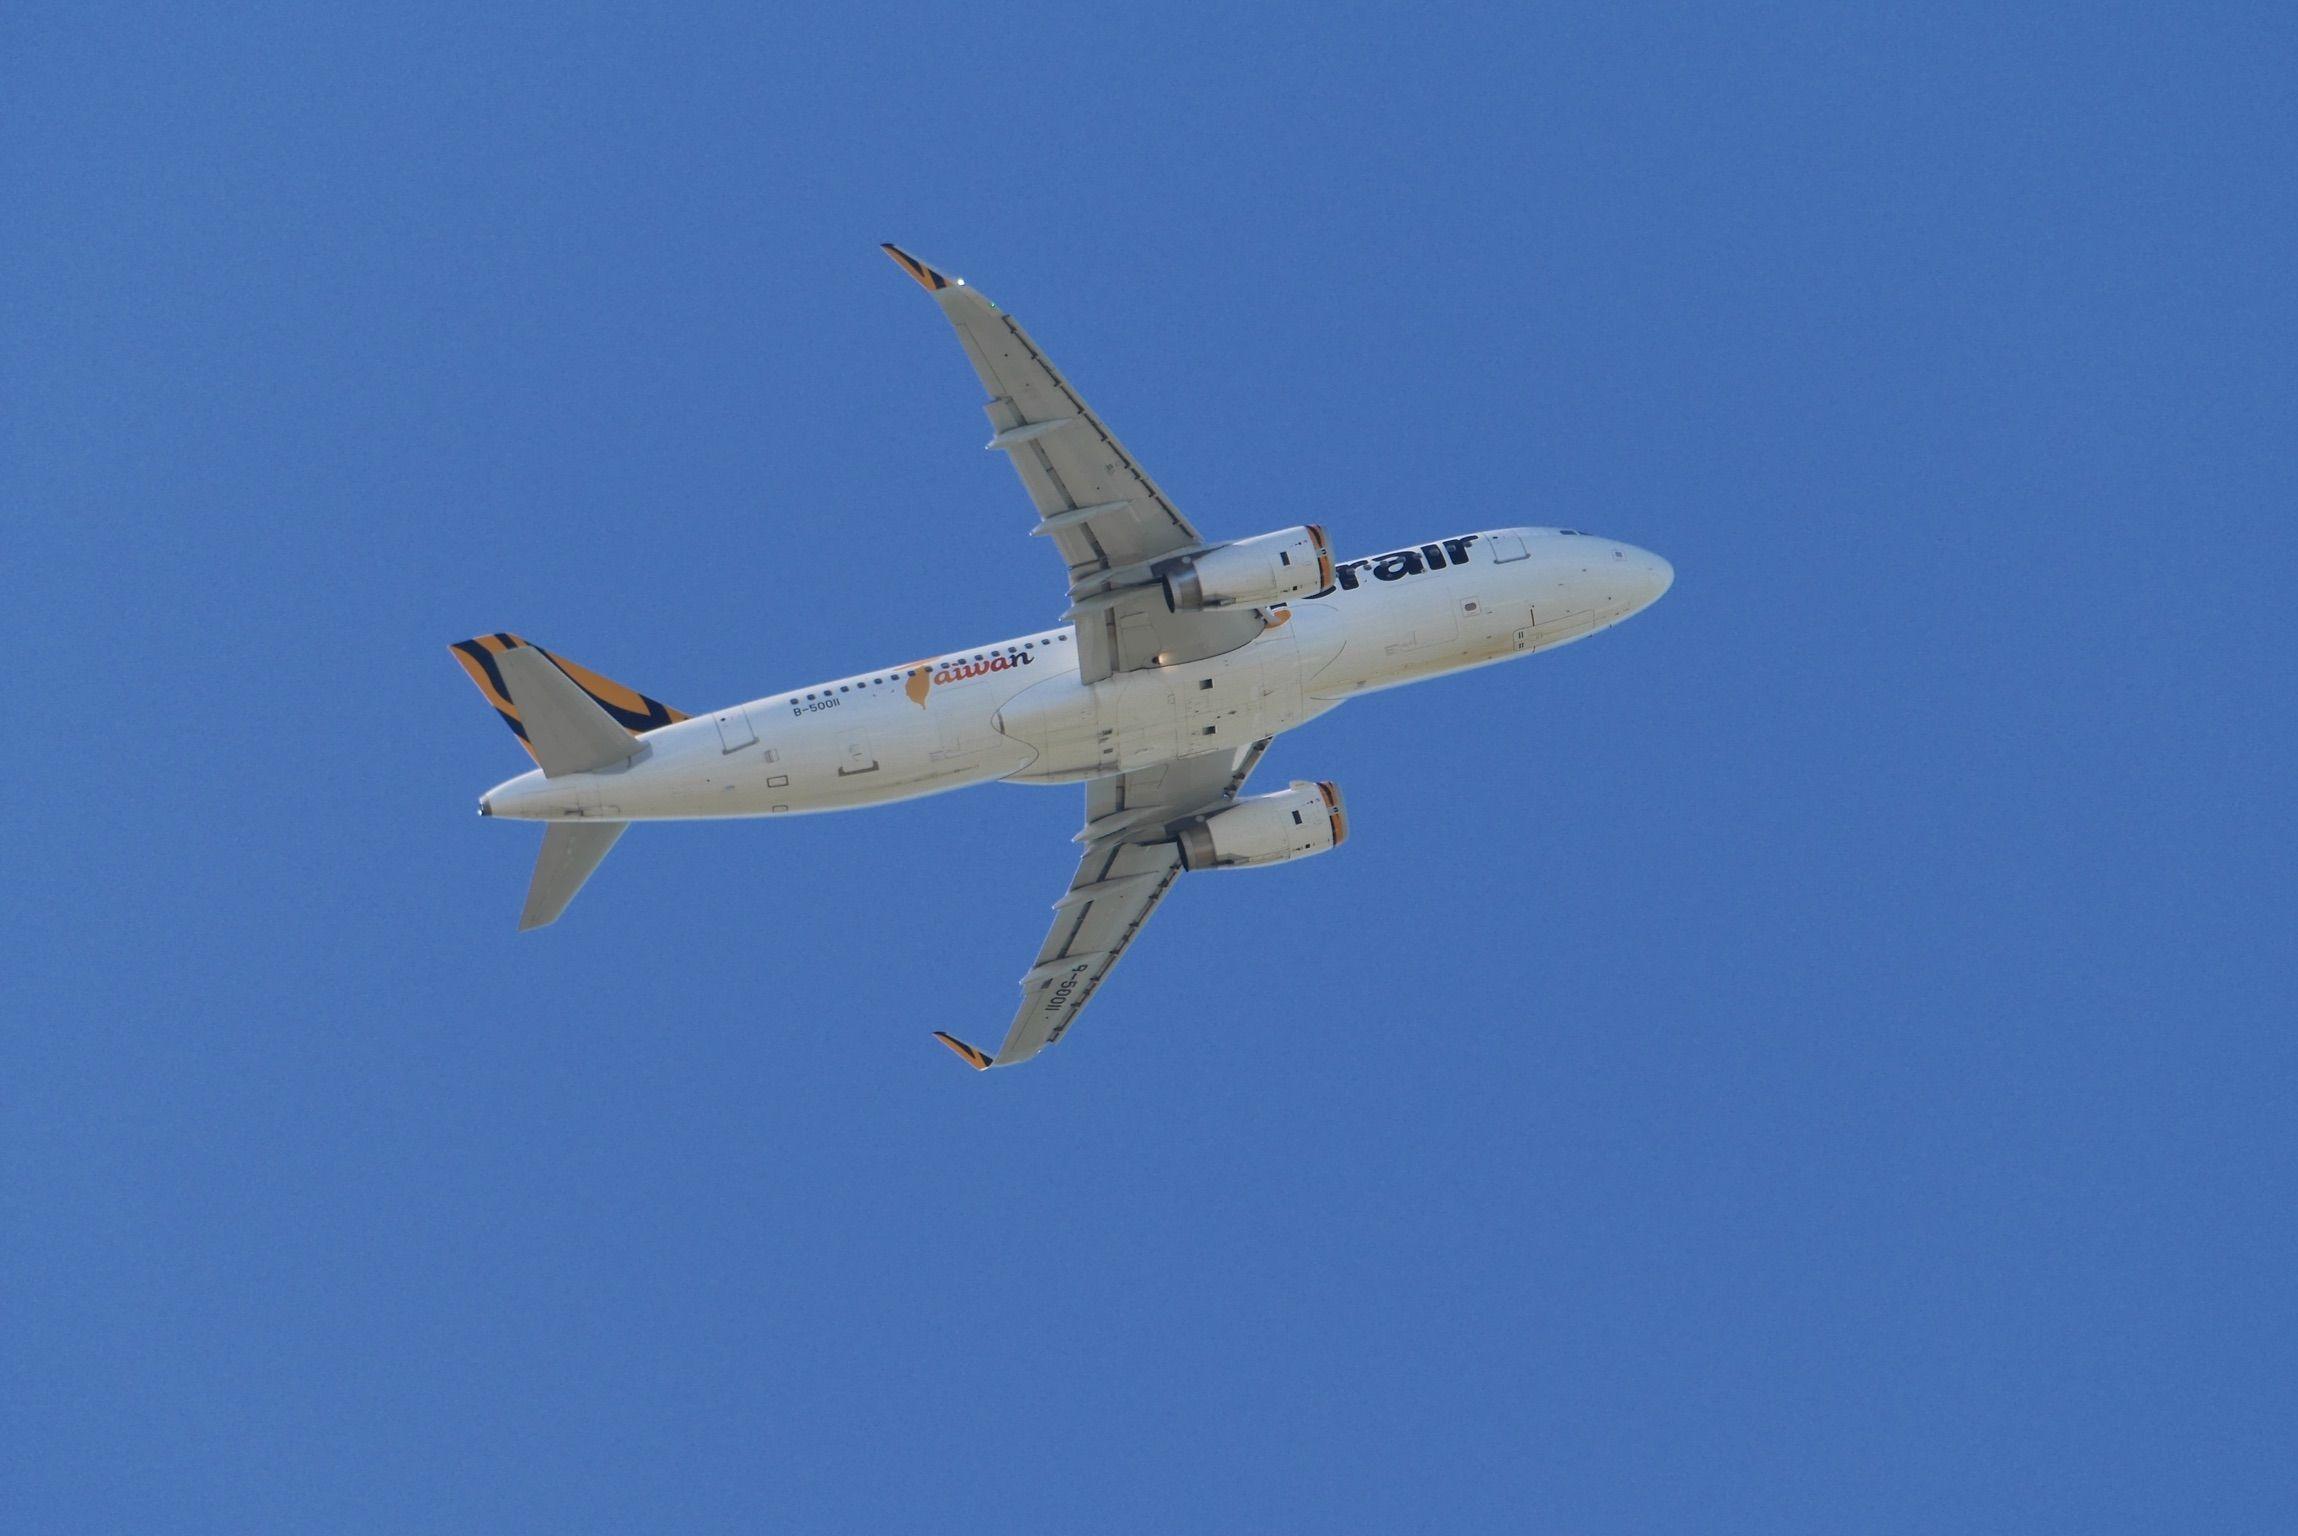 Pin by Cj Kuang on Aircraft Passenger jet, Aircraft